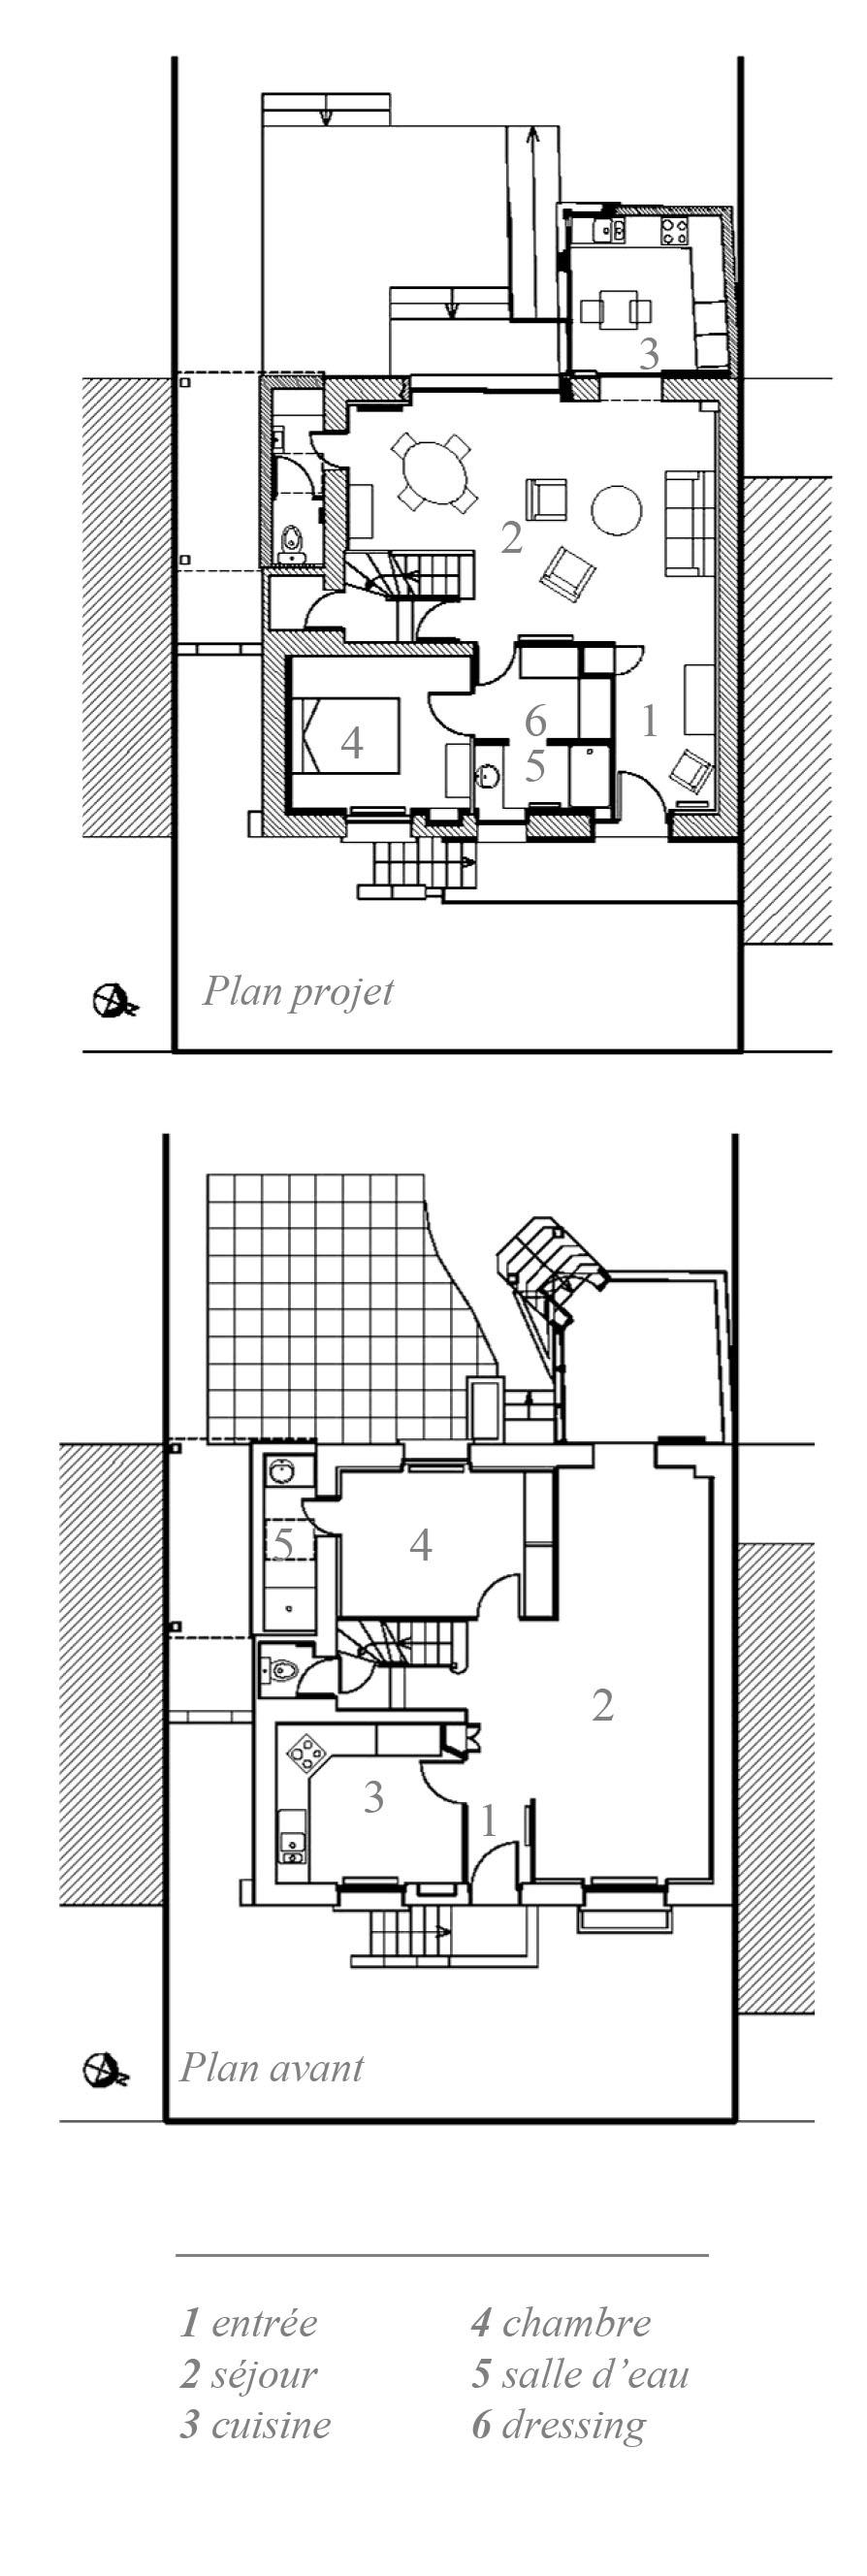 Plan de la maison avant après